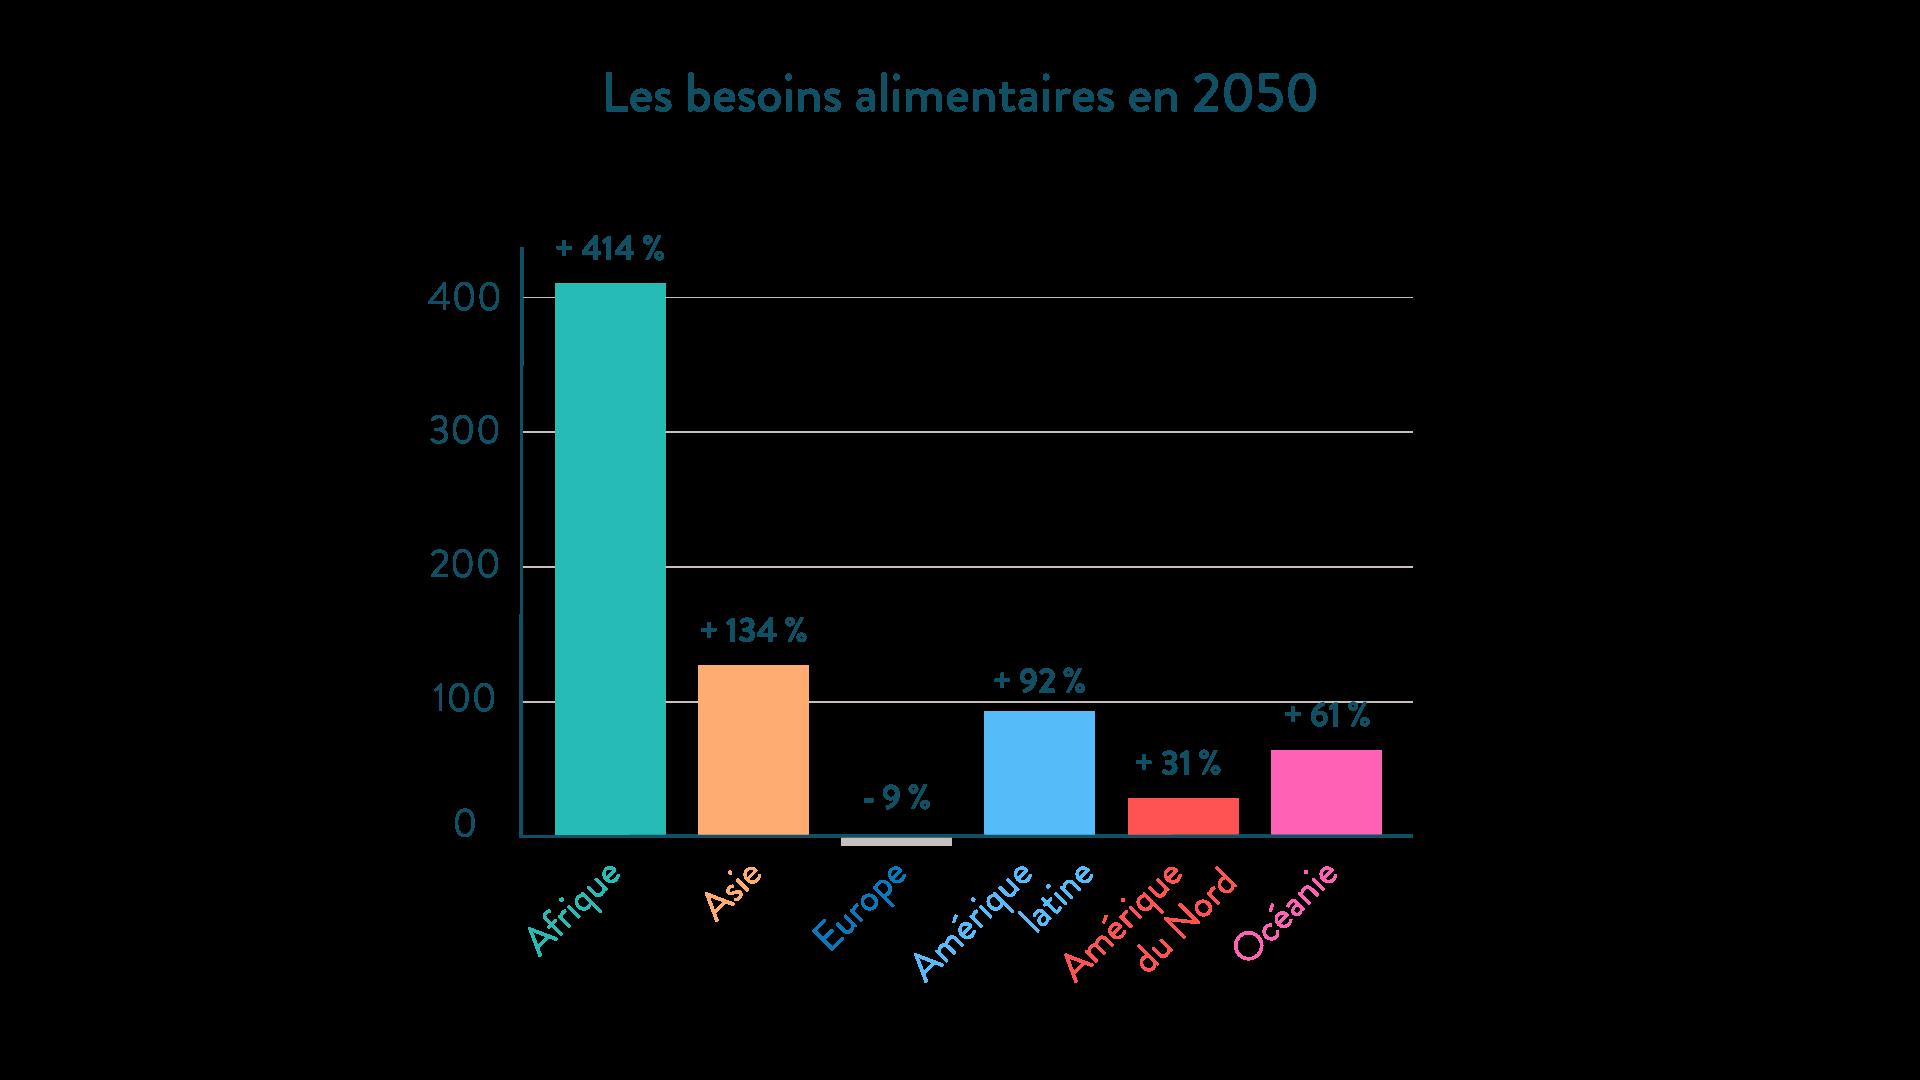 Les besoins alimentaires en 2050 (en %) géographie cinquième